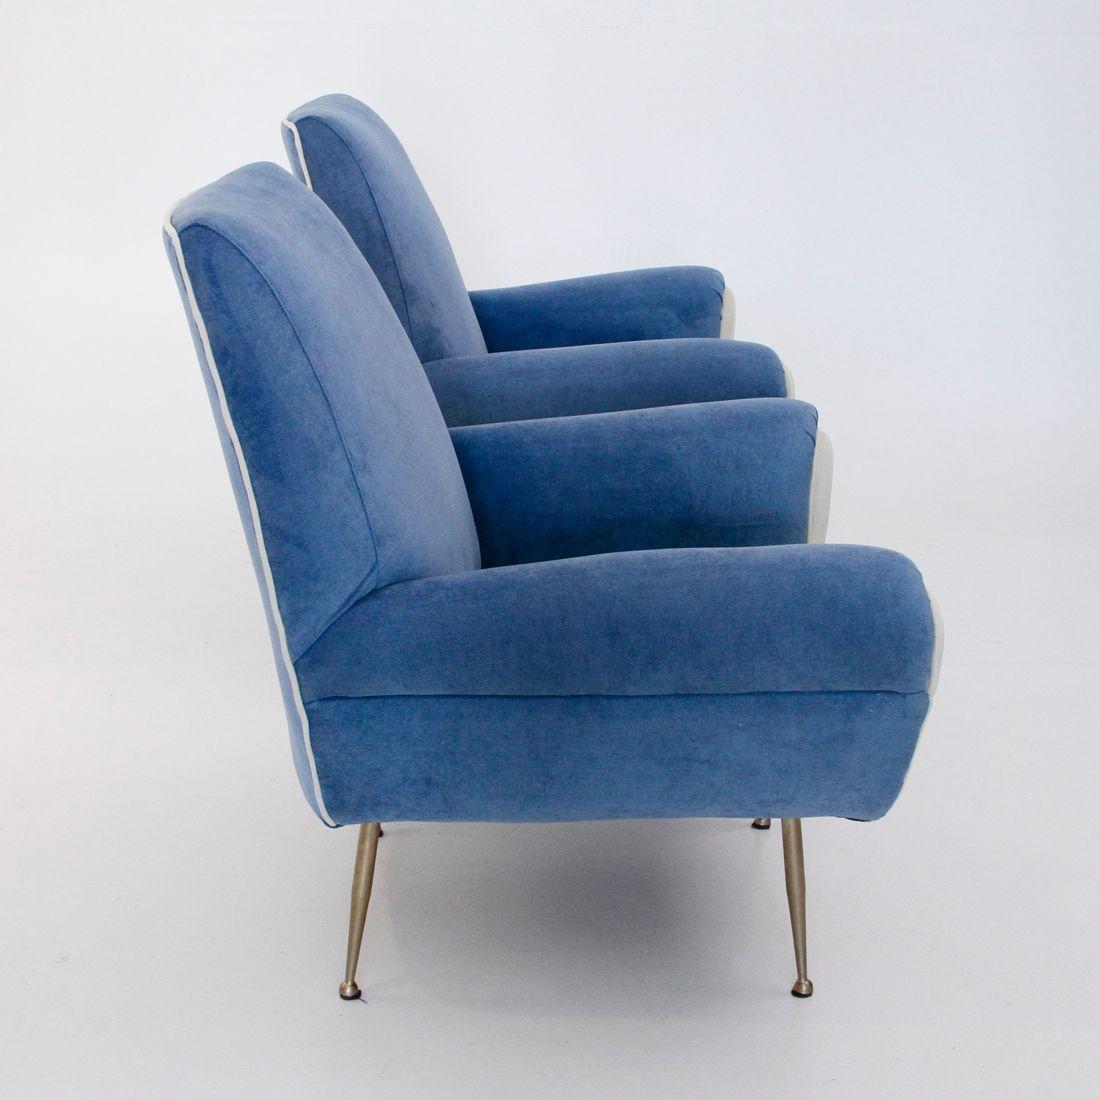 italienische vintage sessel in wei blau 1960er 2er set bei pamono kaufen. Black Bedroom Furniture Sets. Home Design Ideas